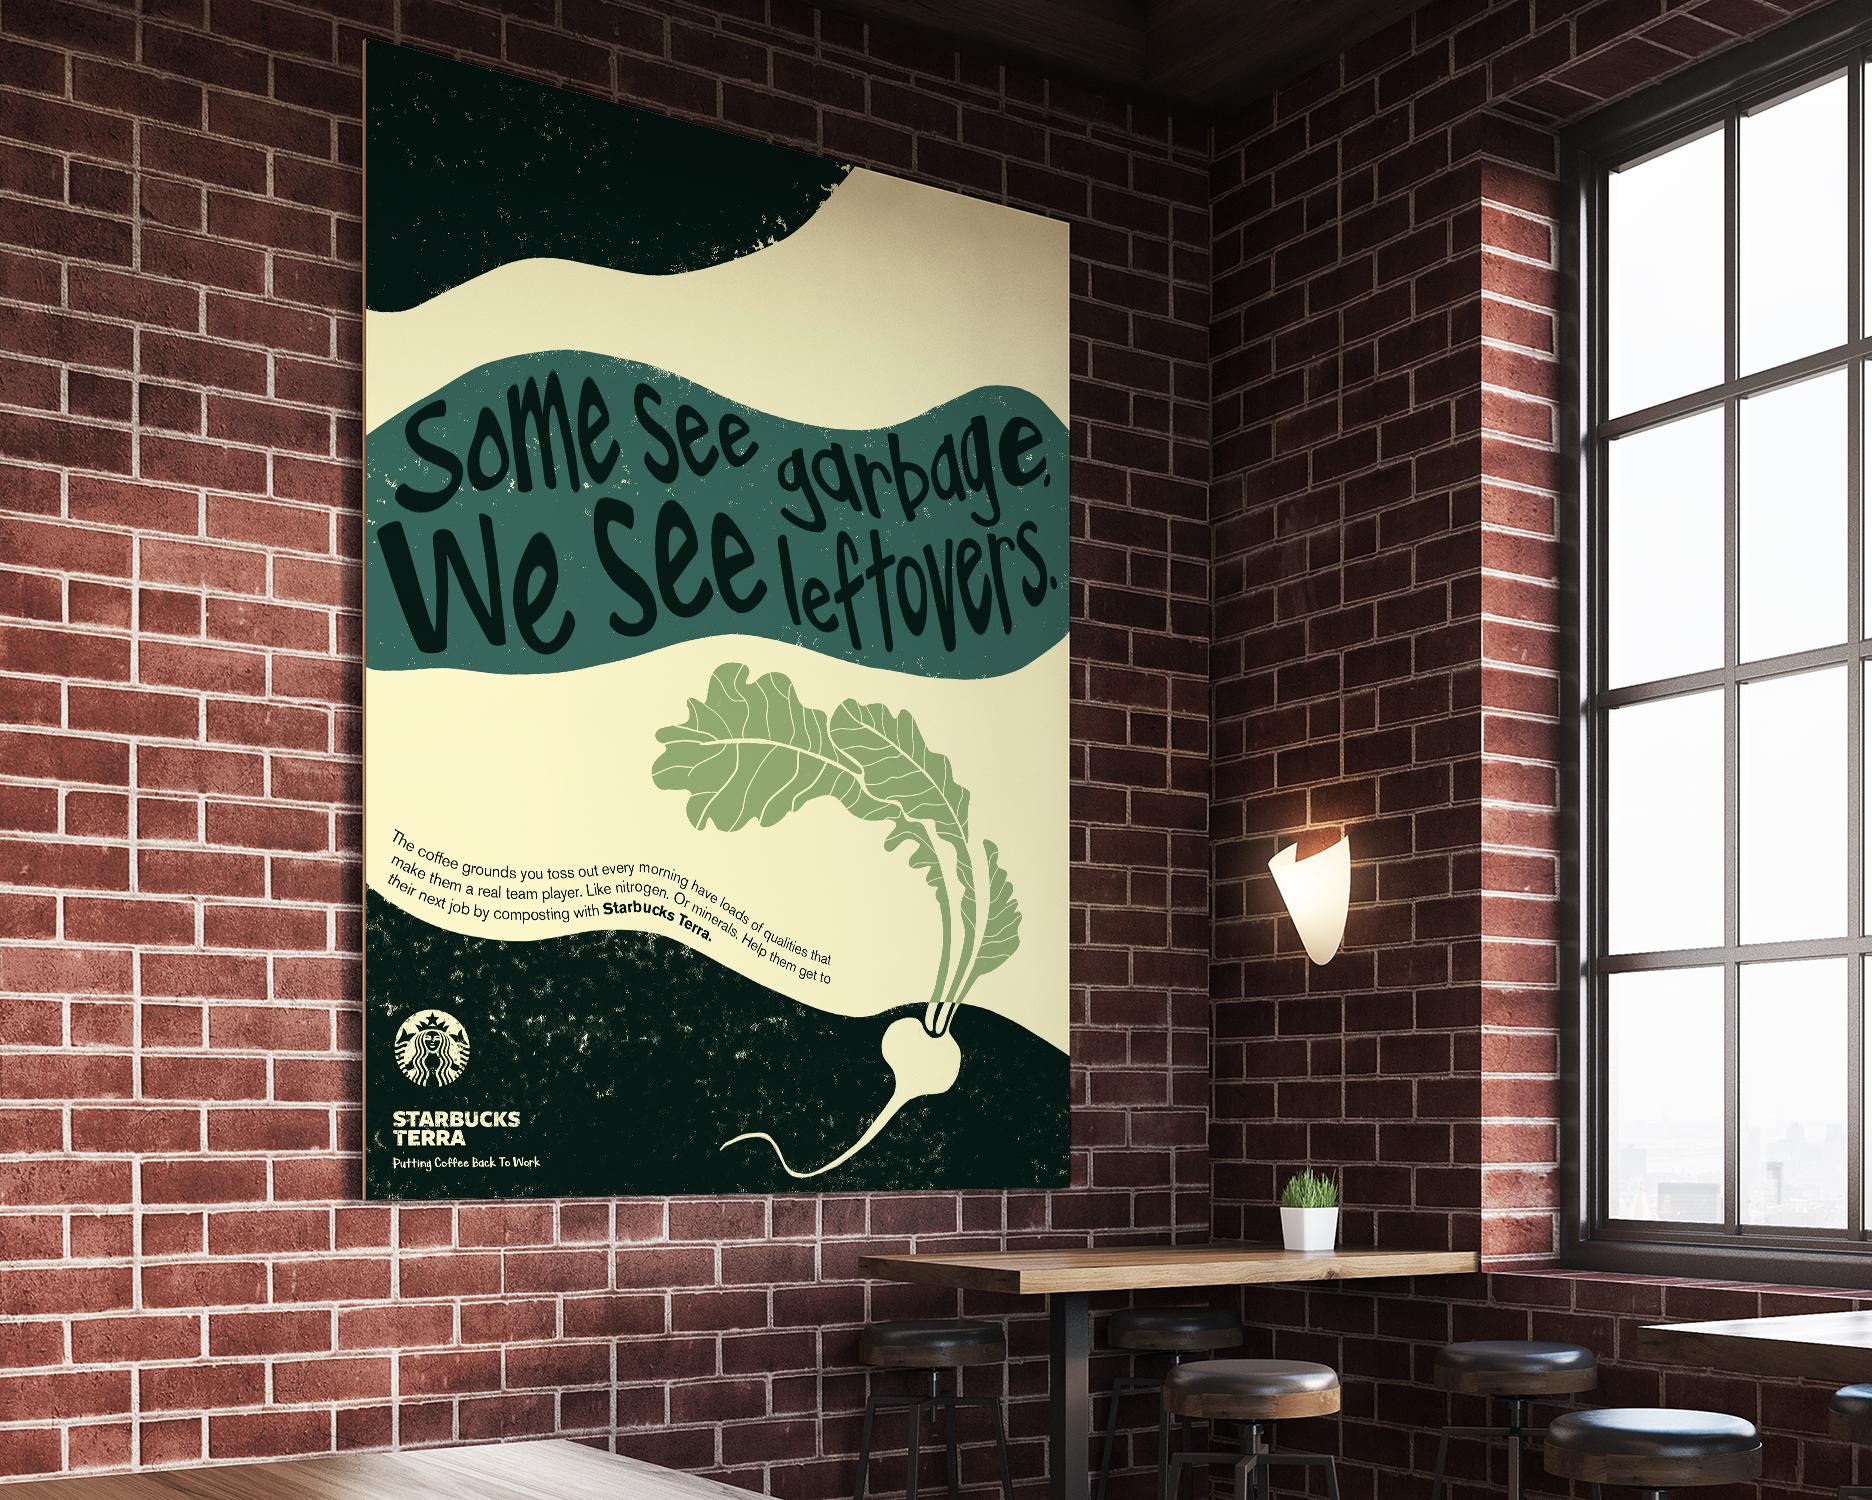 Starbucks_poster_instore_mockup.jpg